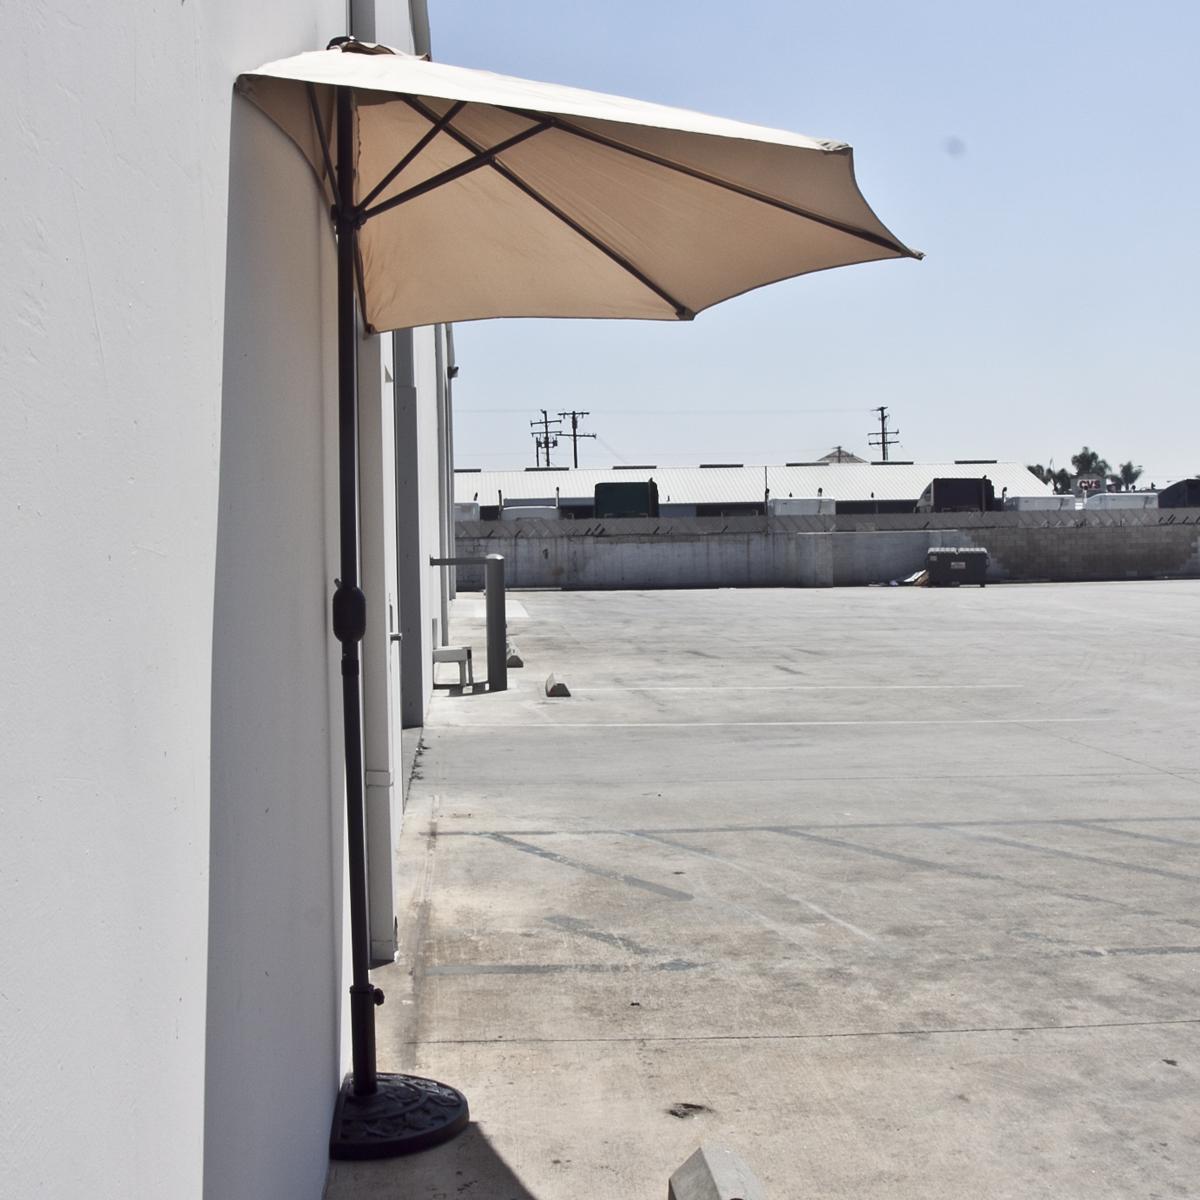 10u0027 FT Half Umbrella Feet Beige Outdoor Patio Wall Balcony Sun Shade NEW